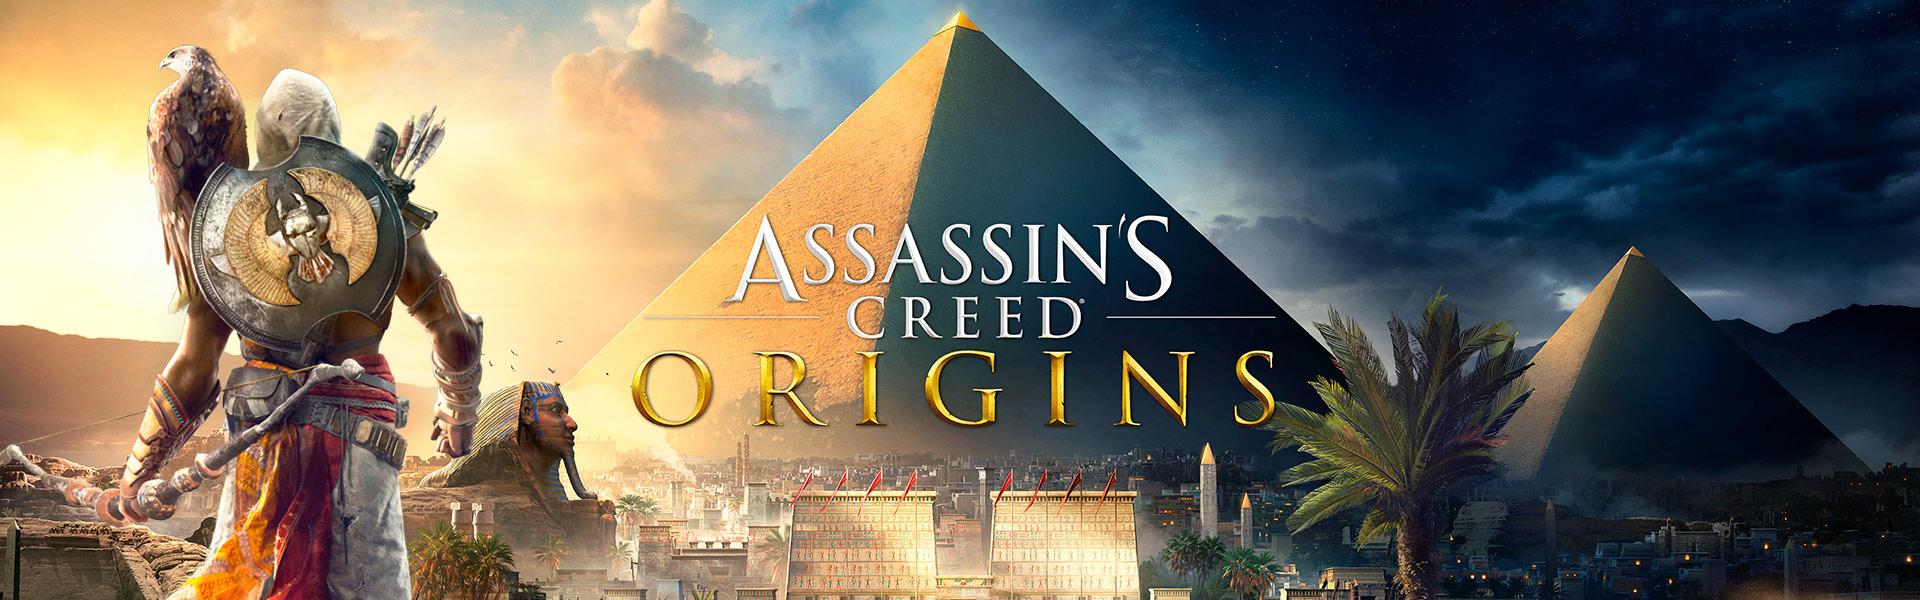 Assassins Creed Origins RU/ENG [ПОЖИЗНЕННАЯ ГАРАНТИЯ]